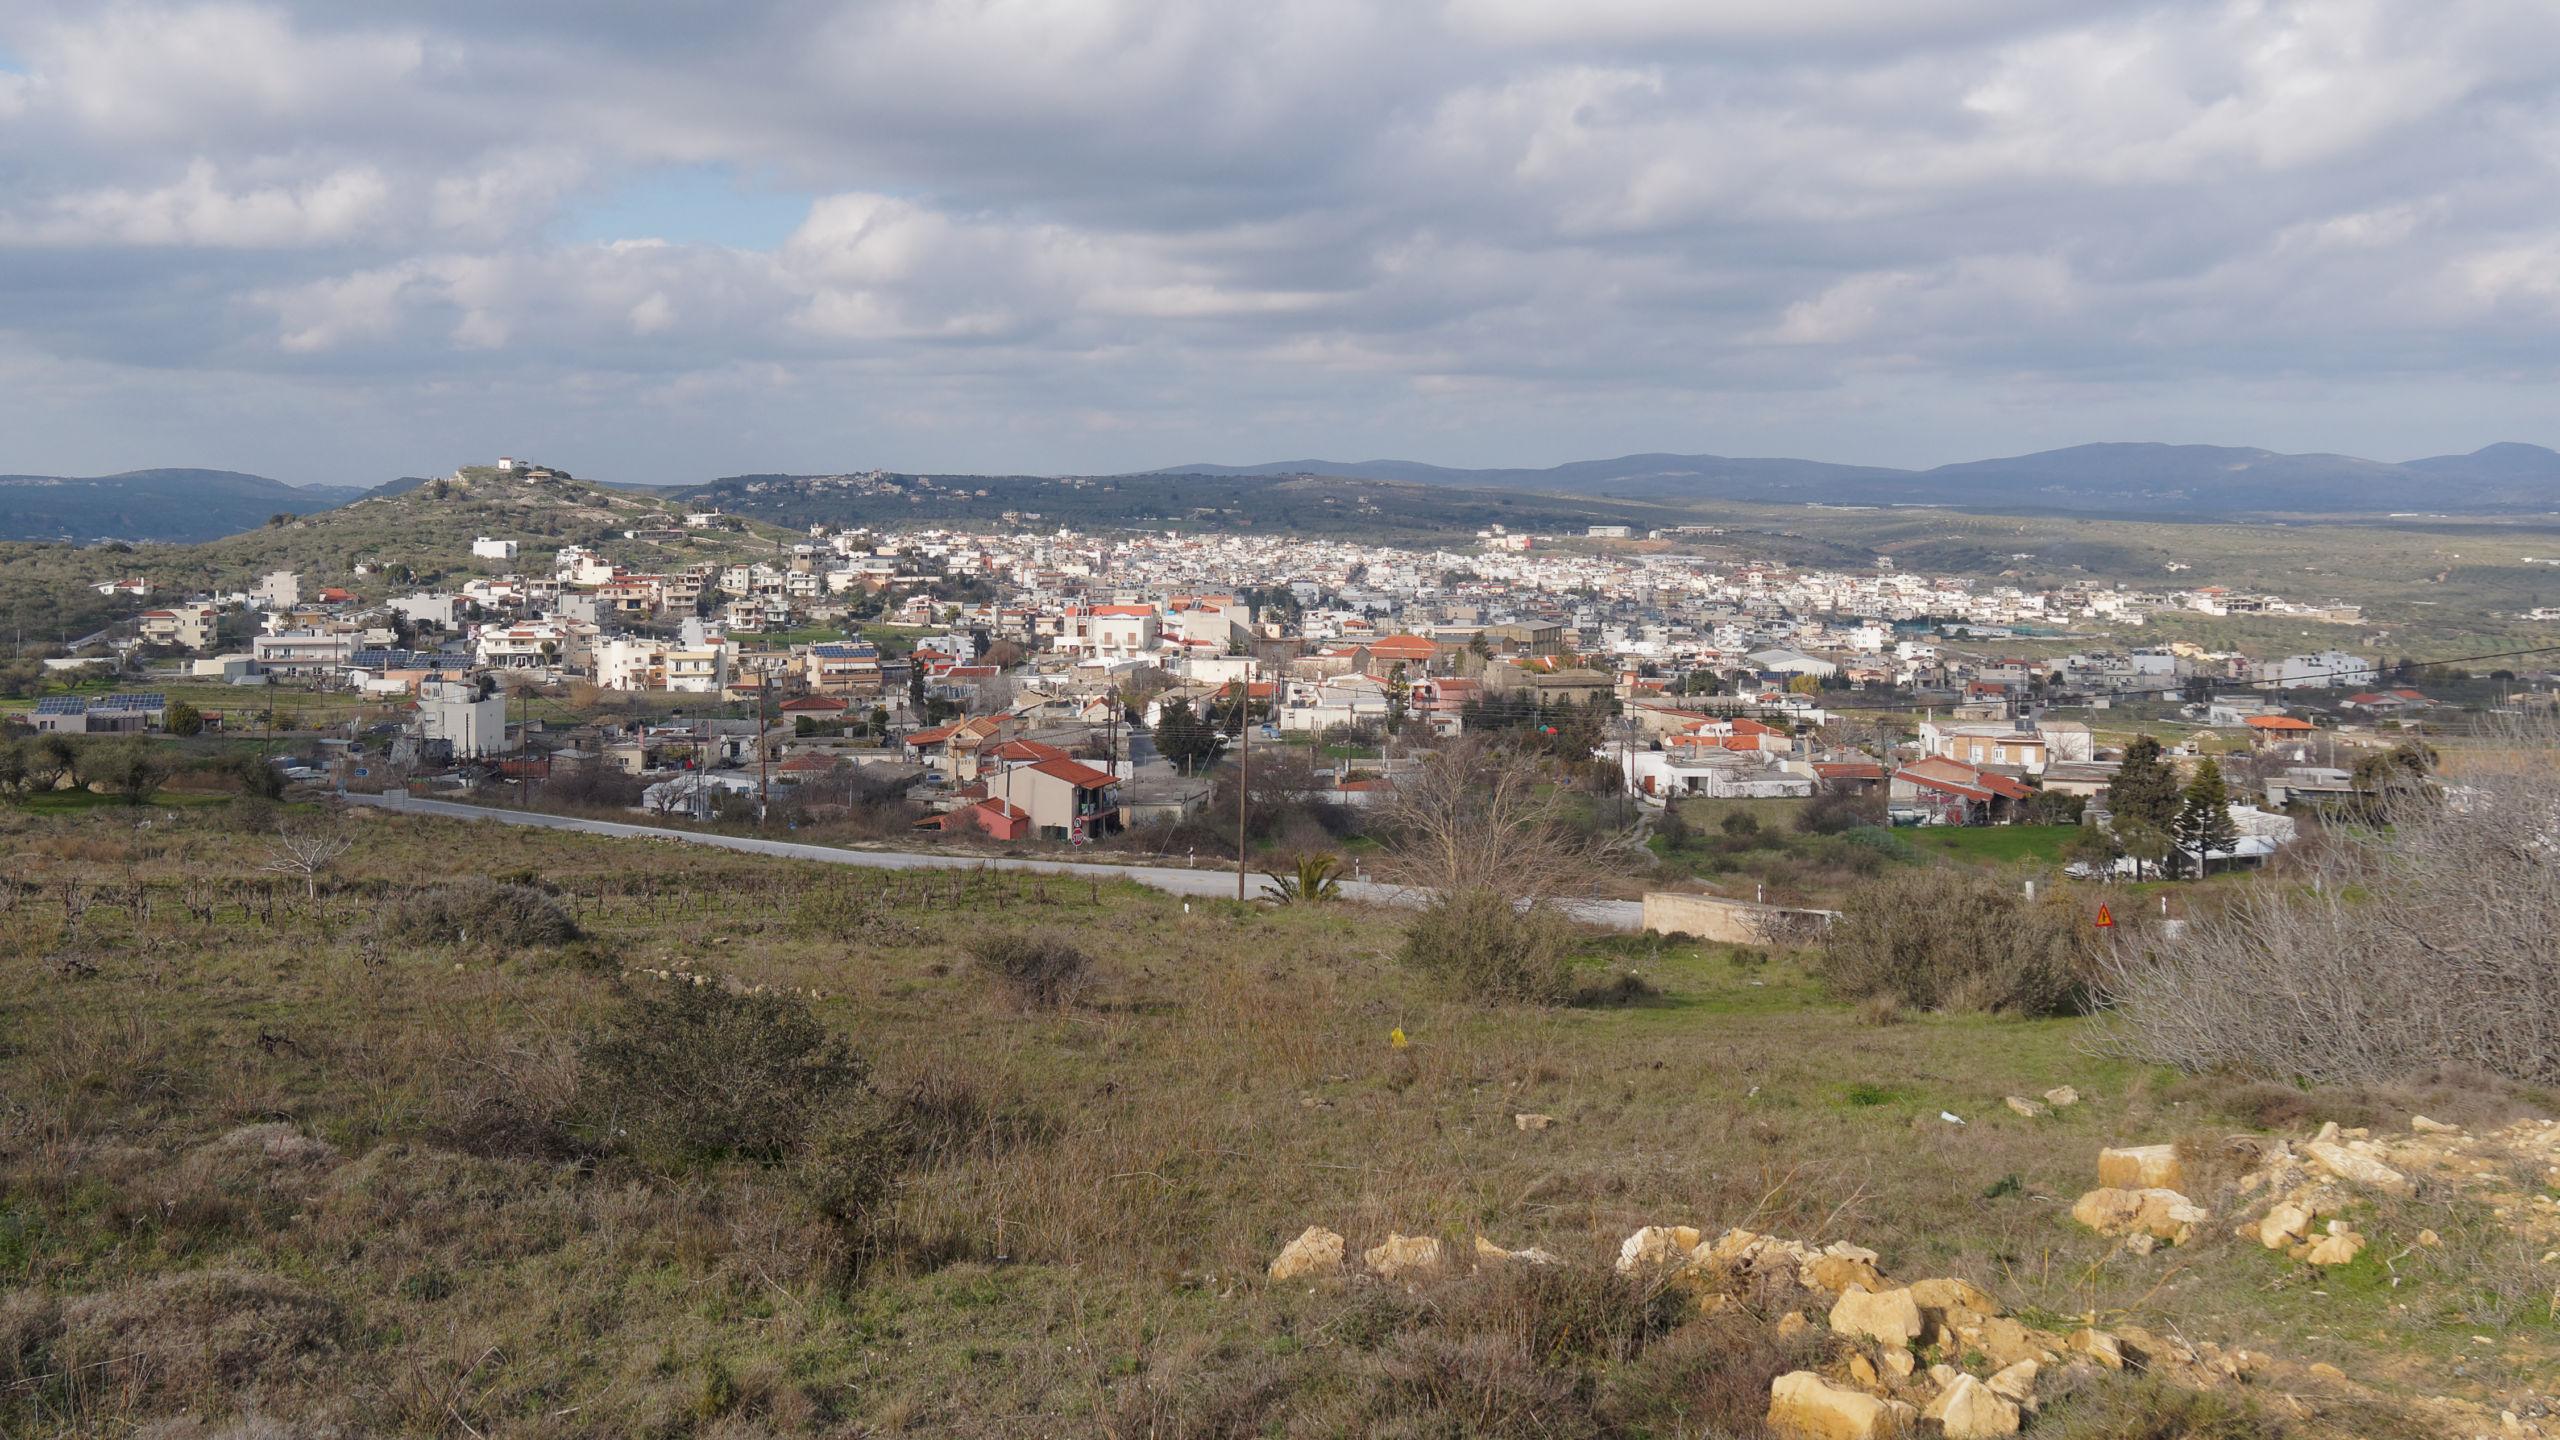 Αρκαλοχώρι - Ηράκλειο Κρήτης